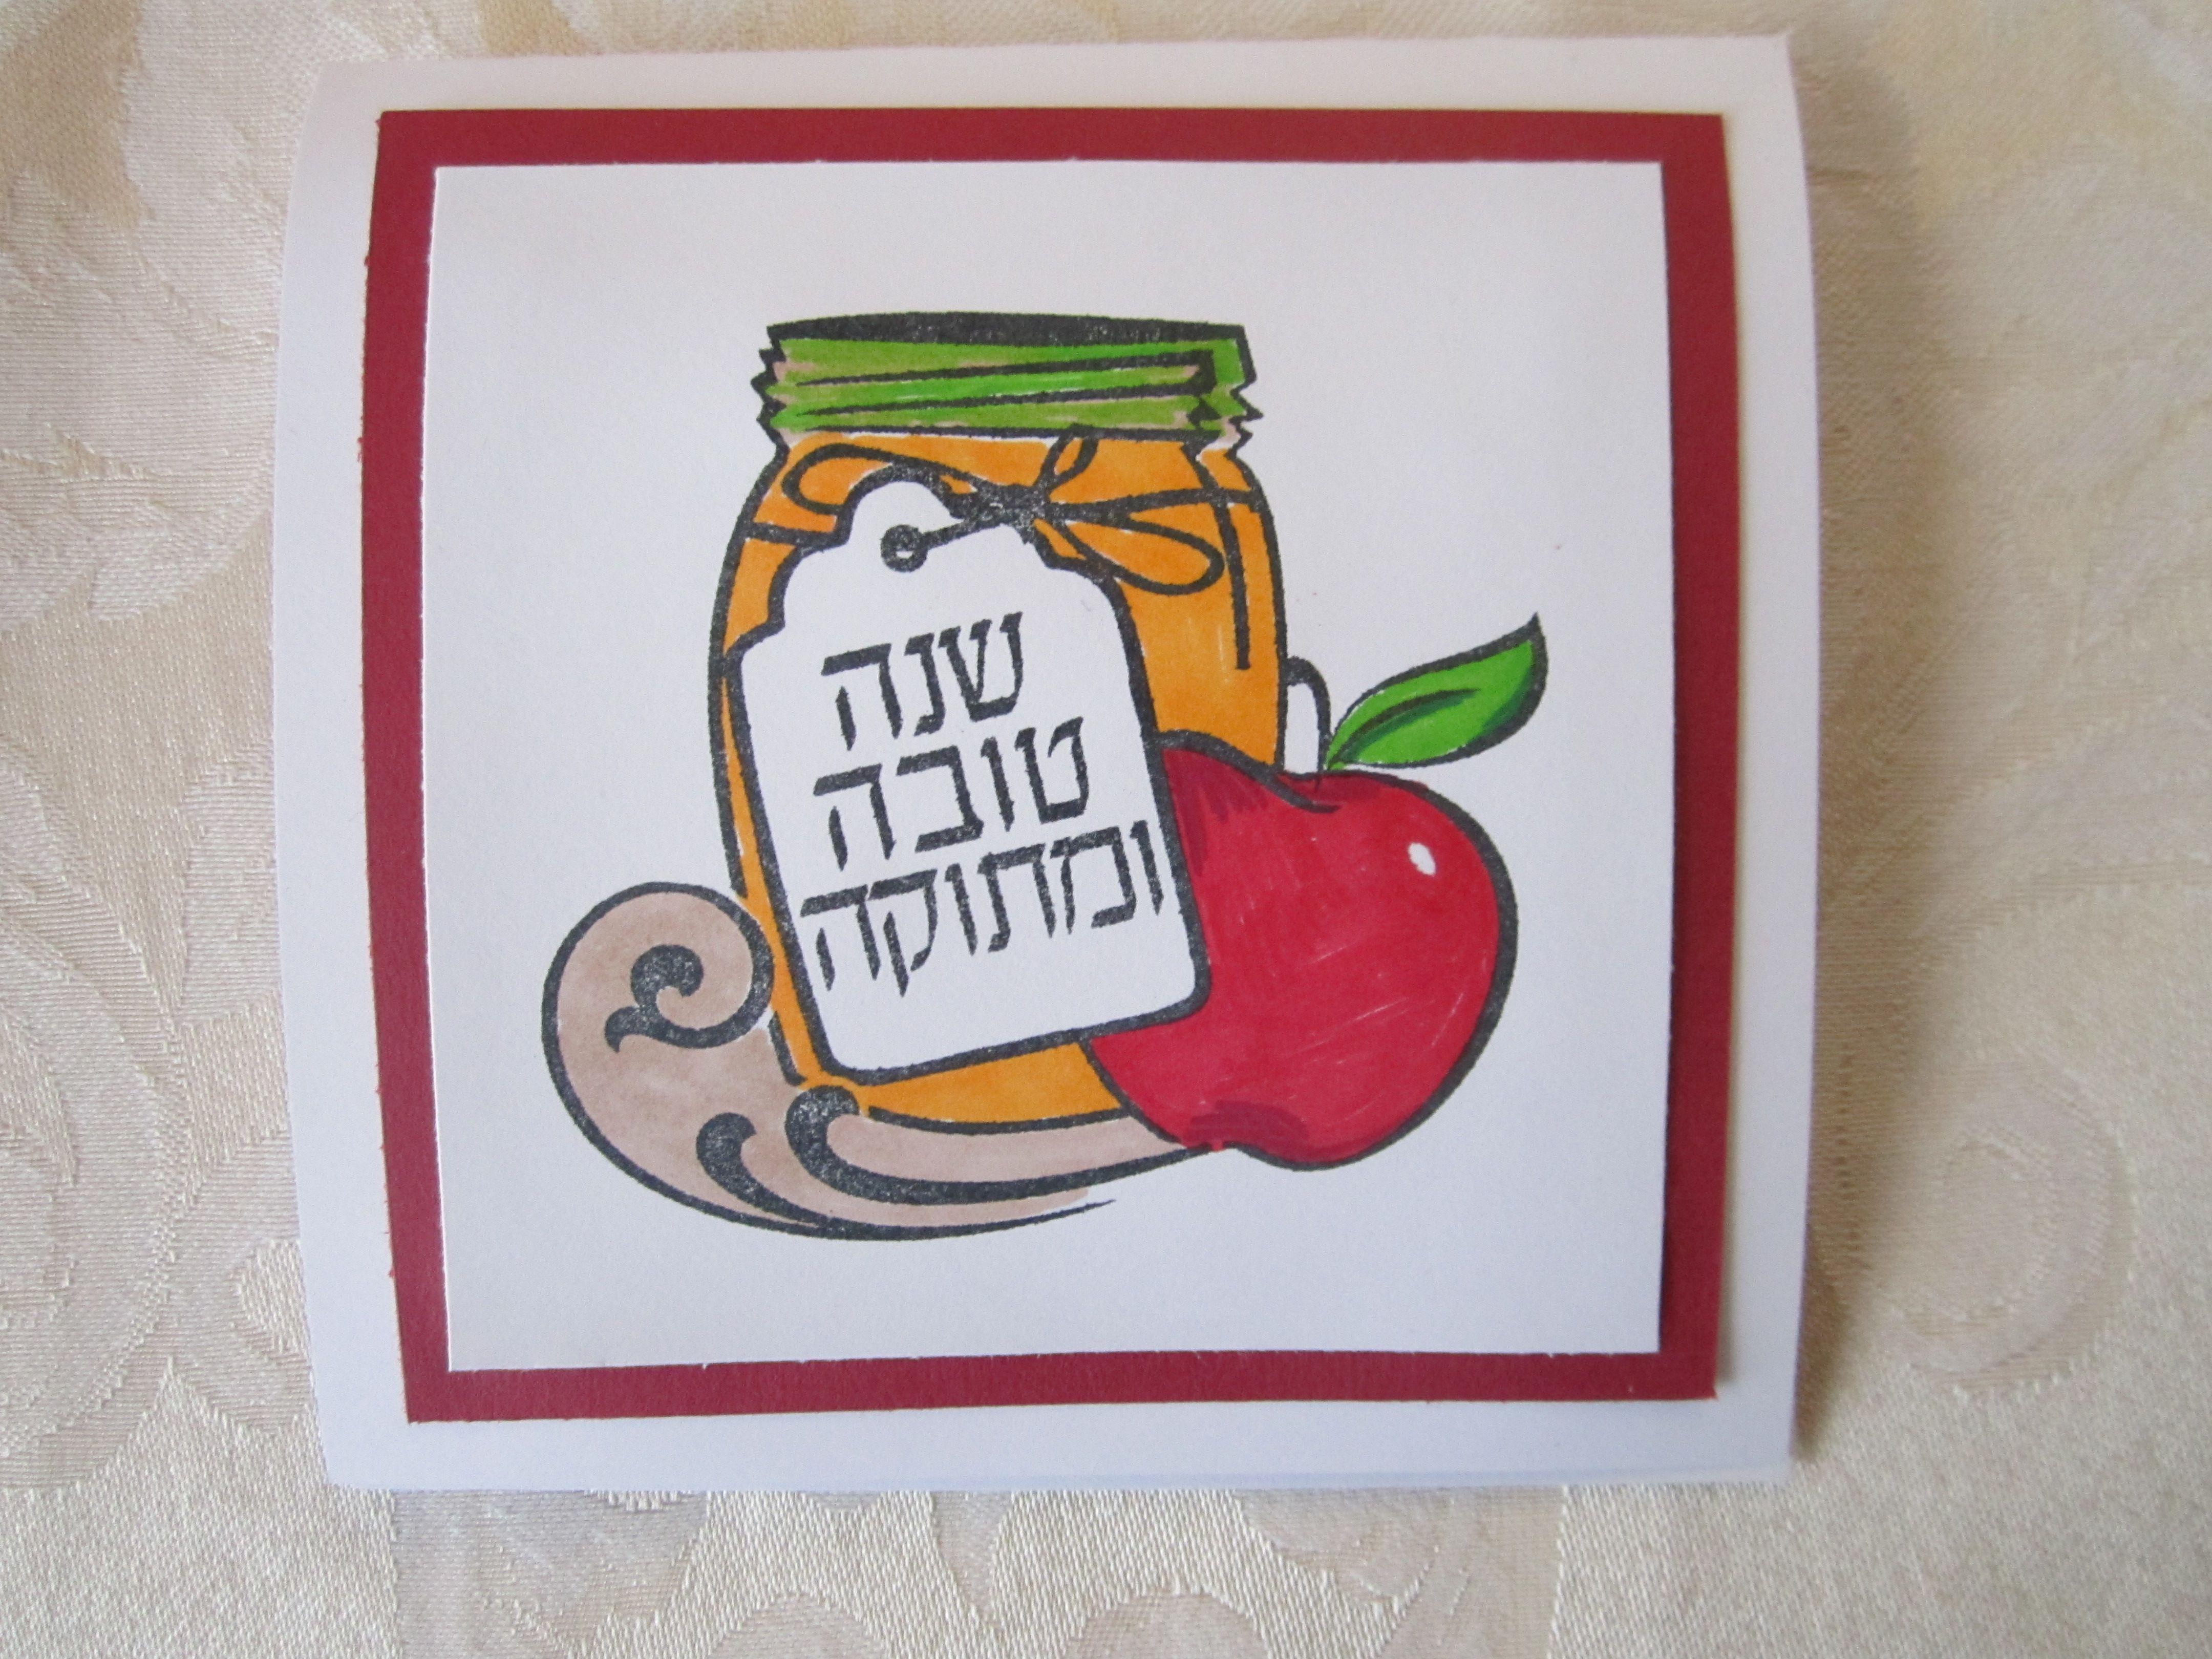 Rosh Hashana Jewish New Year Hand Stamped Greeting Card Made With